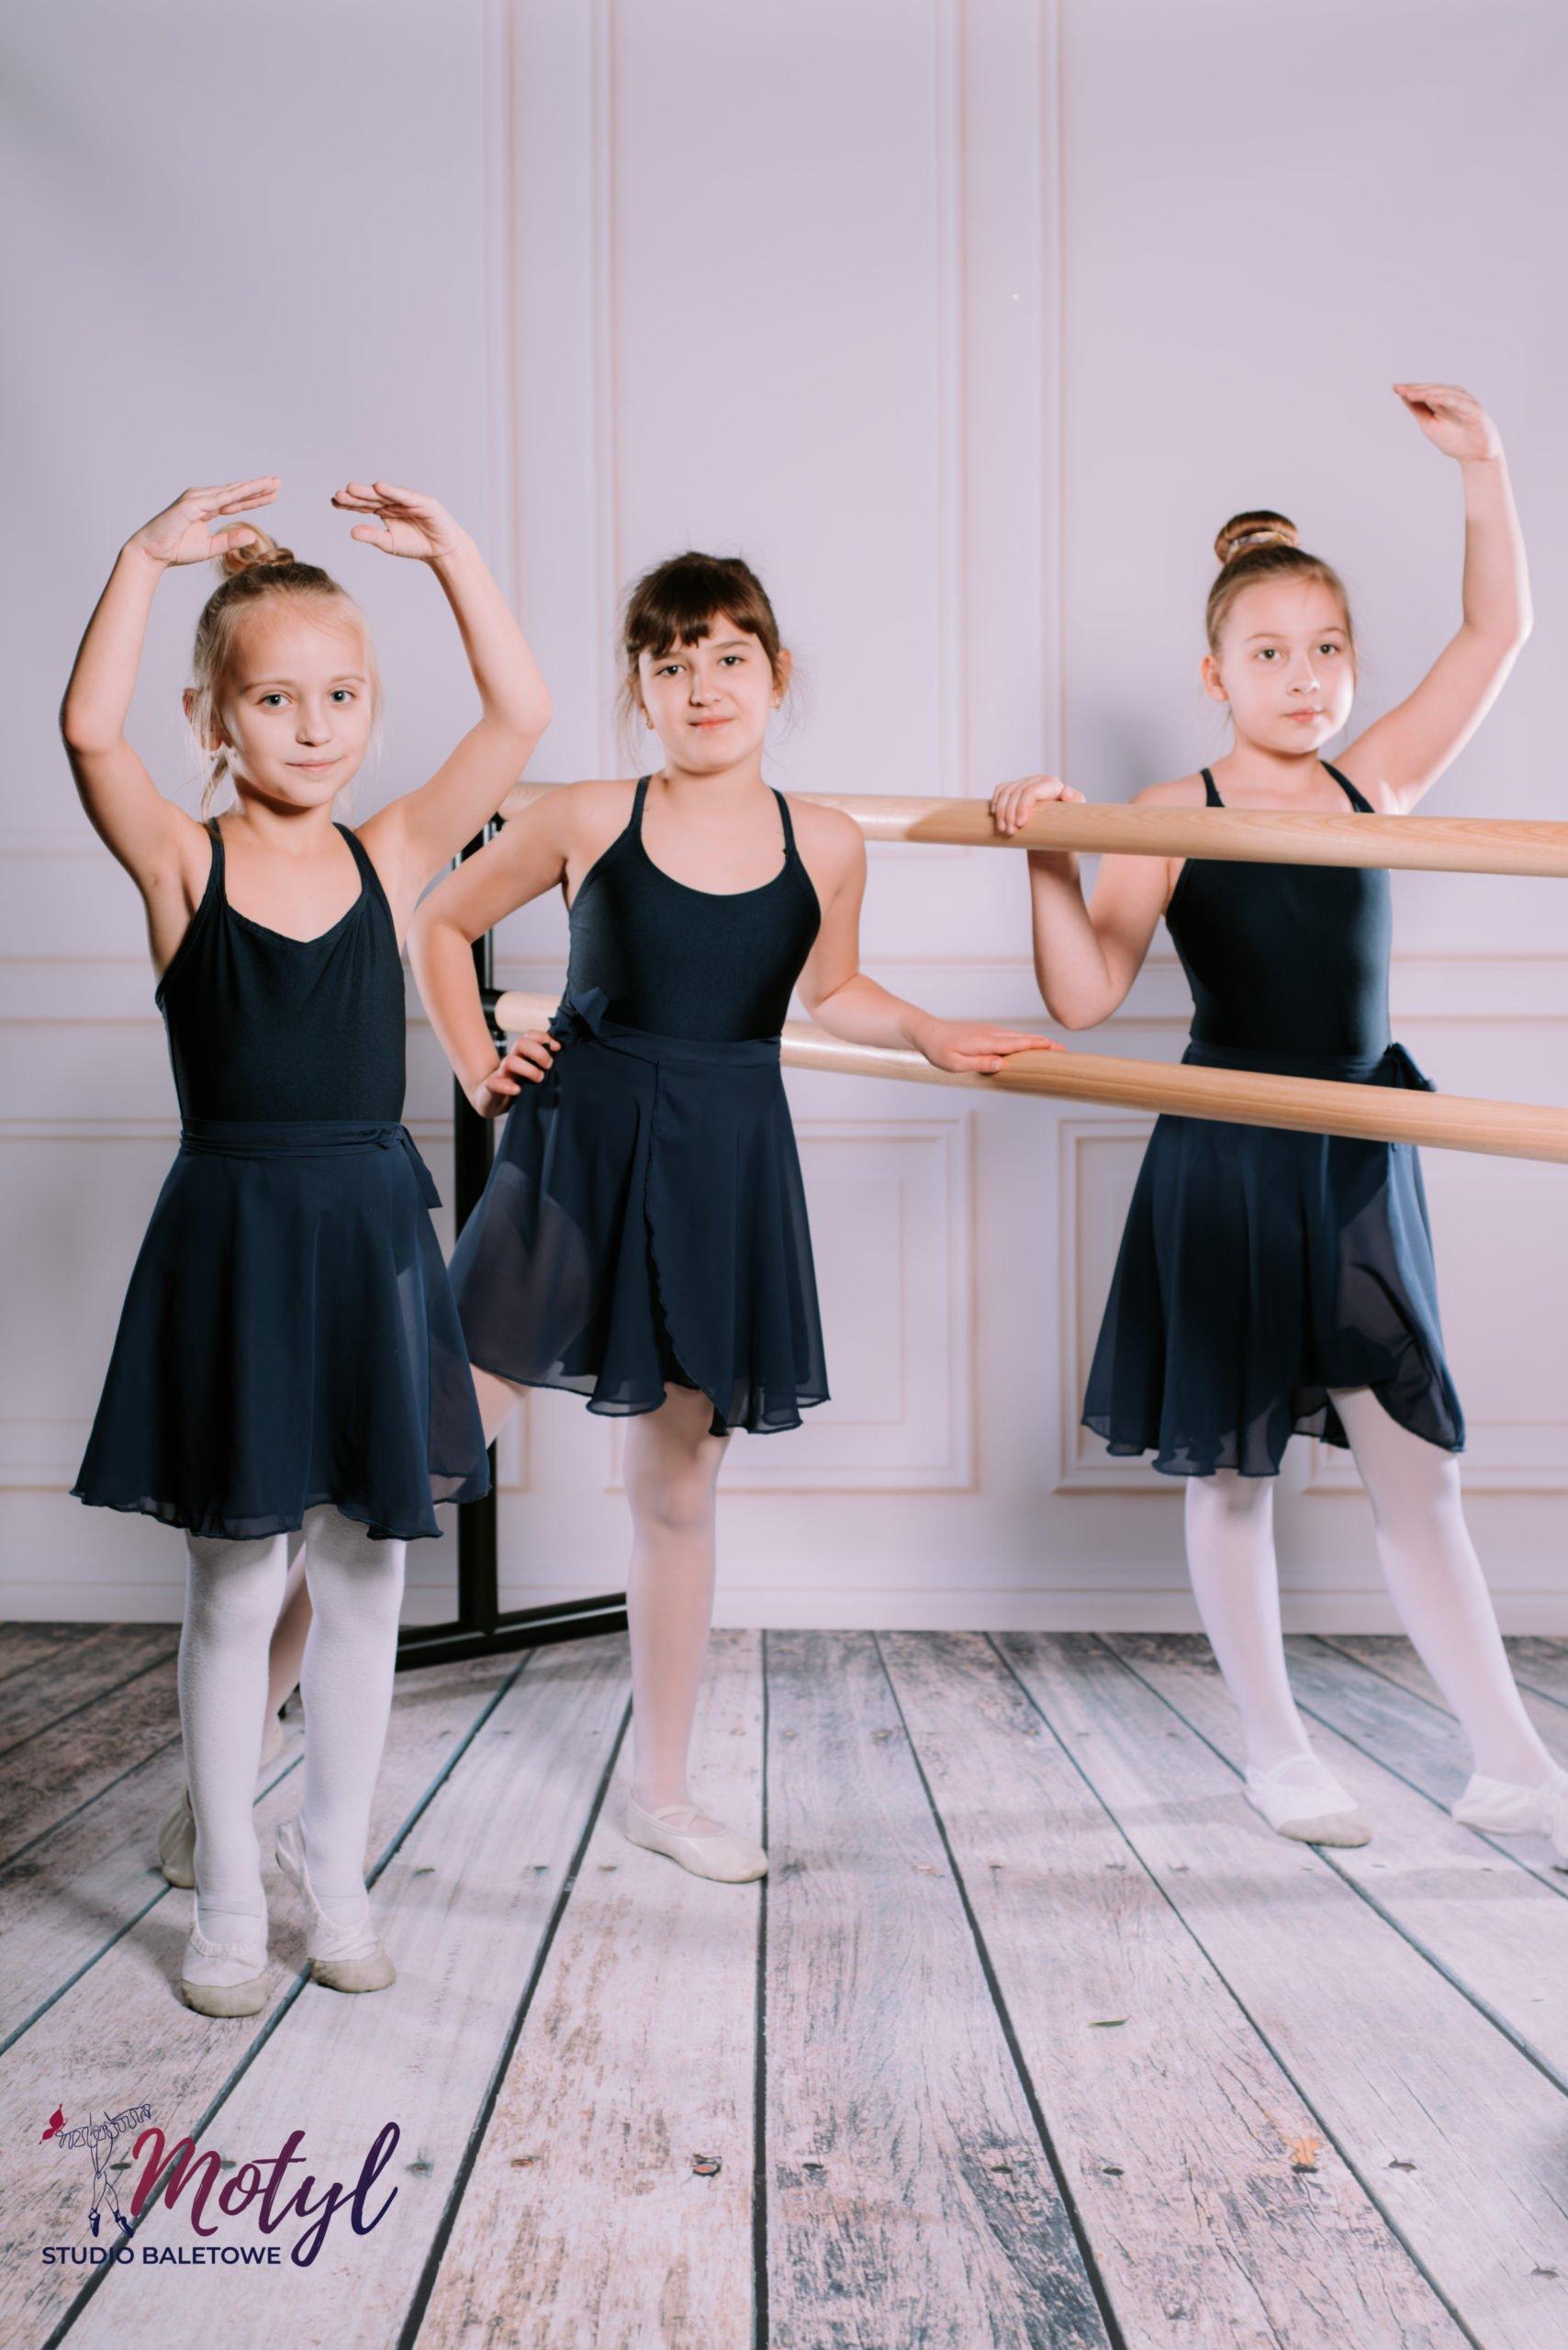 Studio baletowe Motyl - zajęcia taneczne dla dzieci i młodzieży